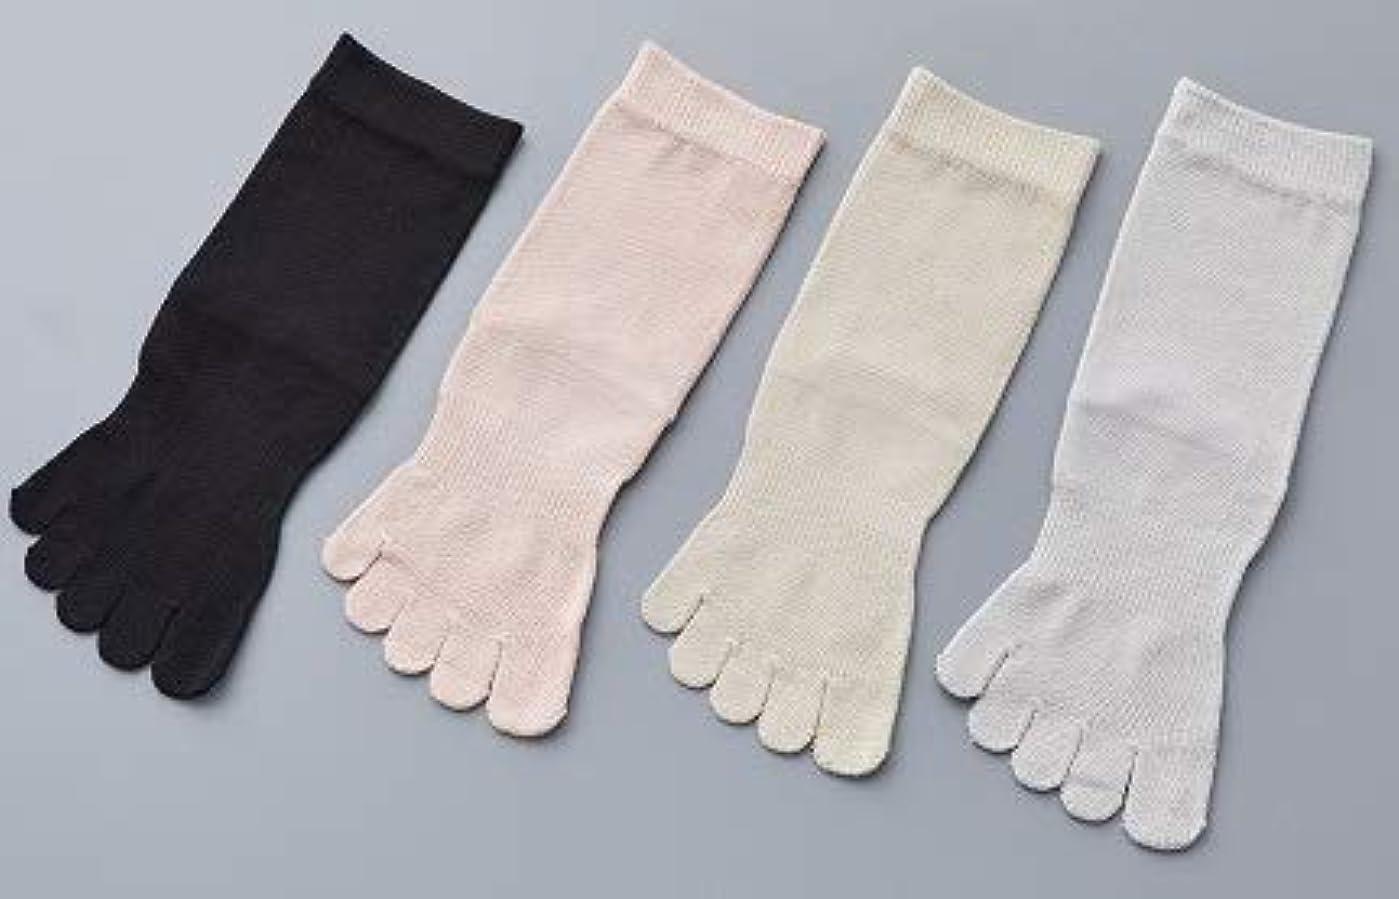 出費敗北事故婦人 シルク 5本指 靴 下最高級 シルク100% 使用 プレゼントに最適 22-24cm 太陽ニット S90 (グレー)